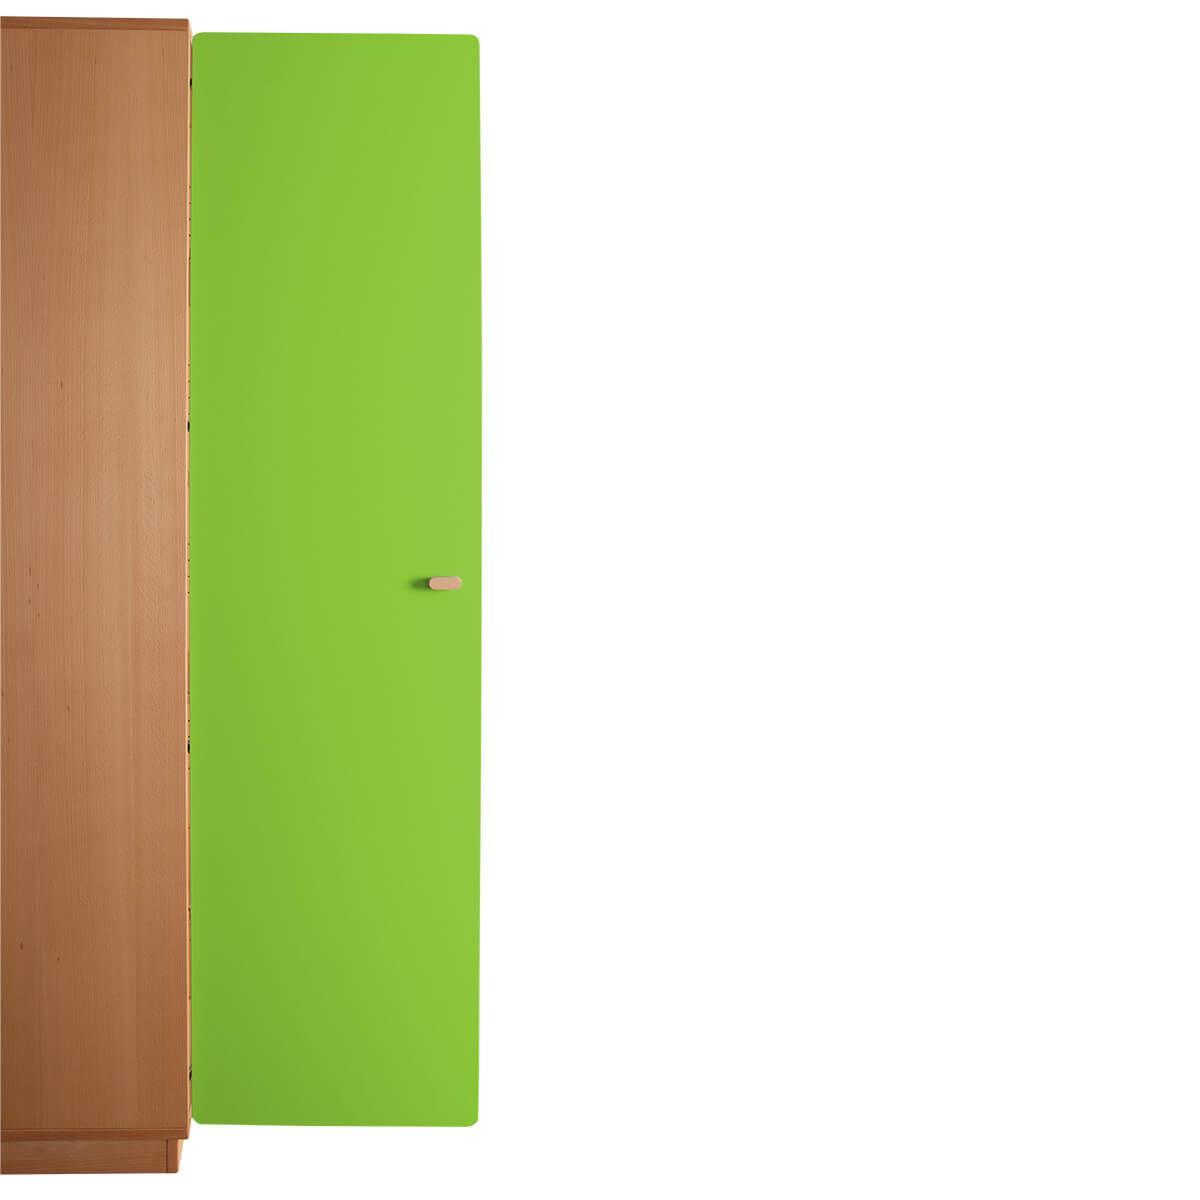 Schranktür 5/5 176cm-Griff DESTYLE de Breuyn MDF lindgrün-lackiert